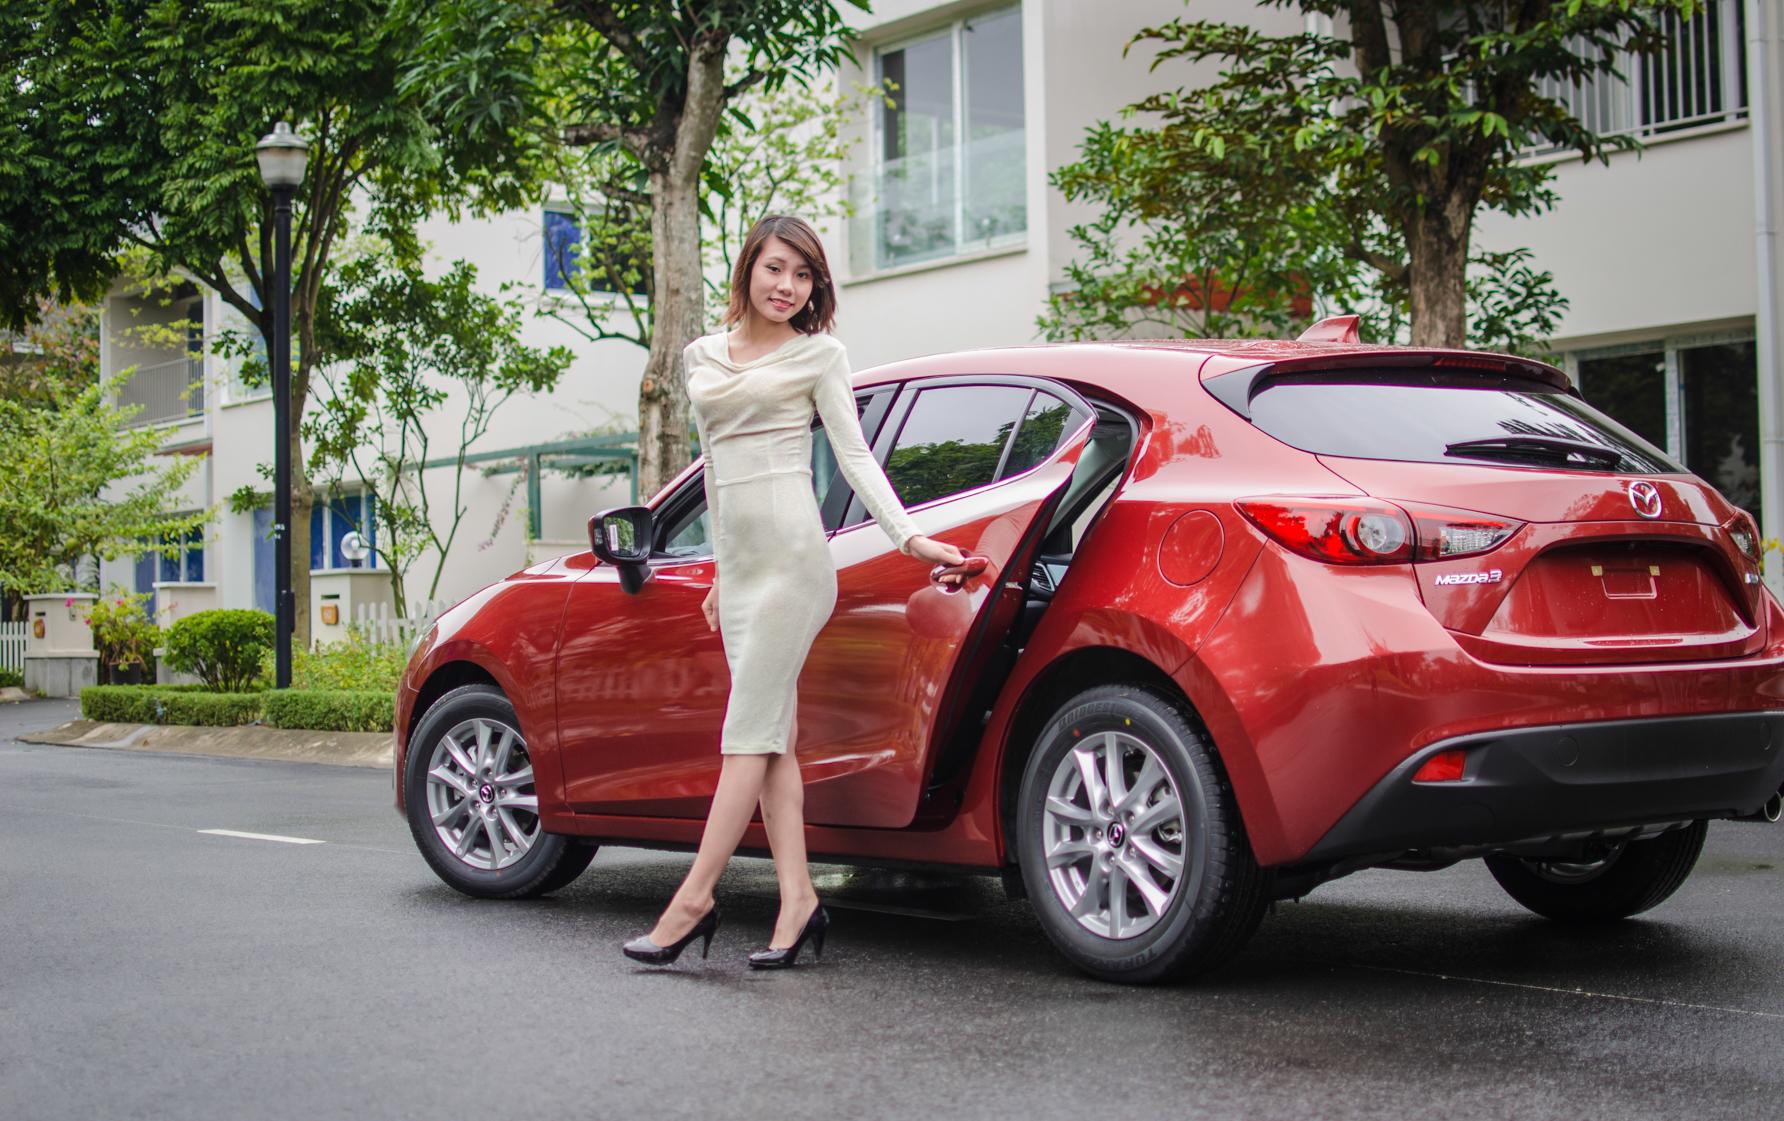 Hình ảnh Đánh giá Mazda 3 2015 Hatchback số 1